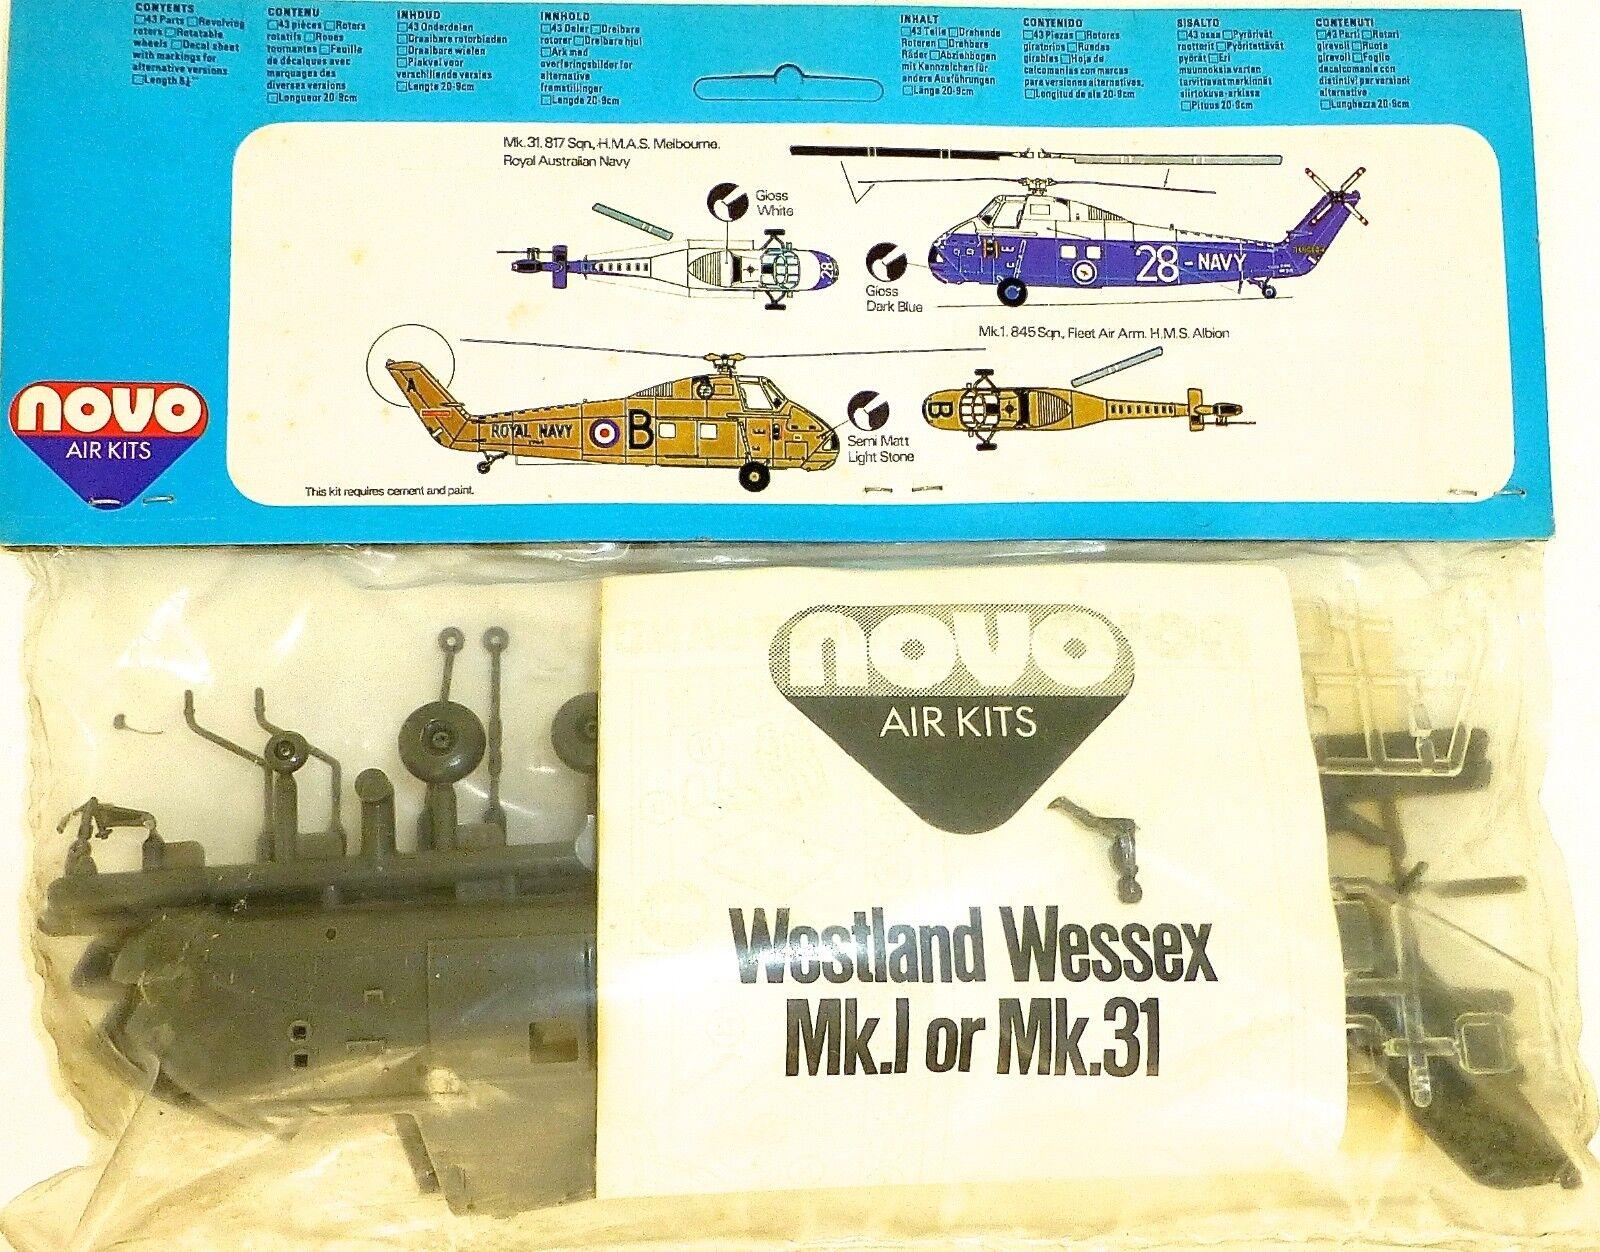 Westland Wessex Mk.i 31 Anti-sommergibile Anti-sommergibile Anti-sommergibile Elicottero F247 Novo 78025 1 72 e89812